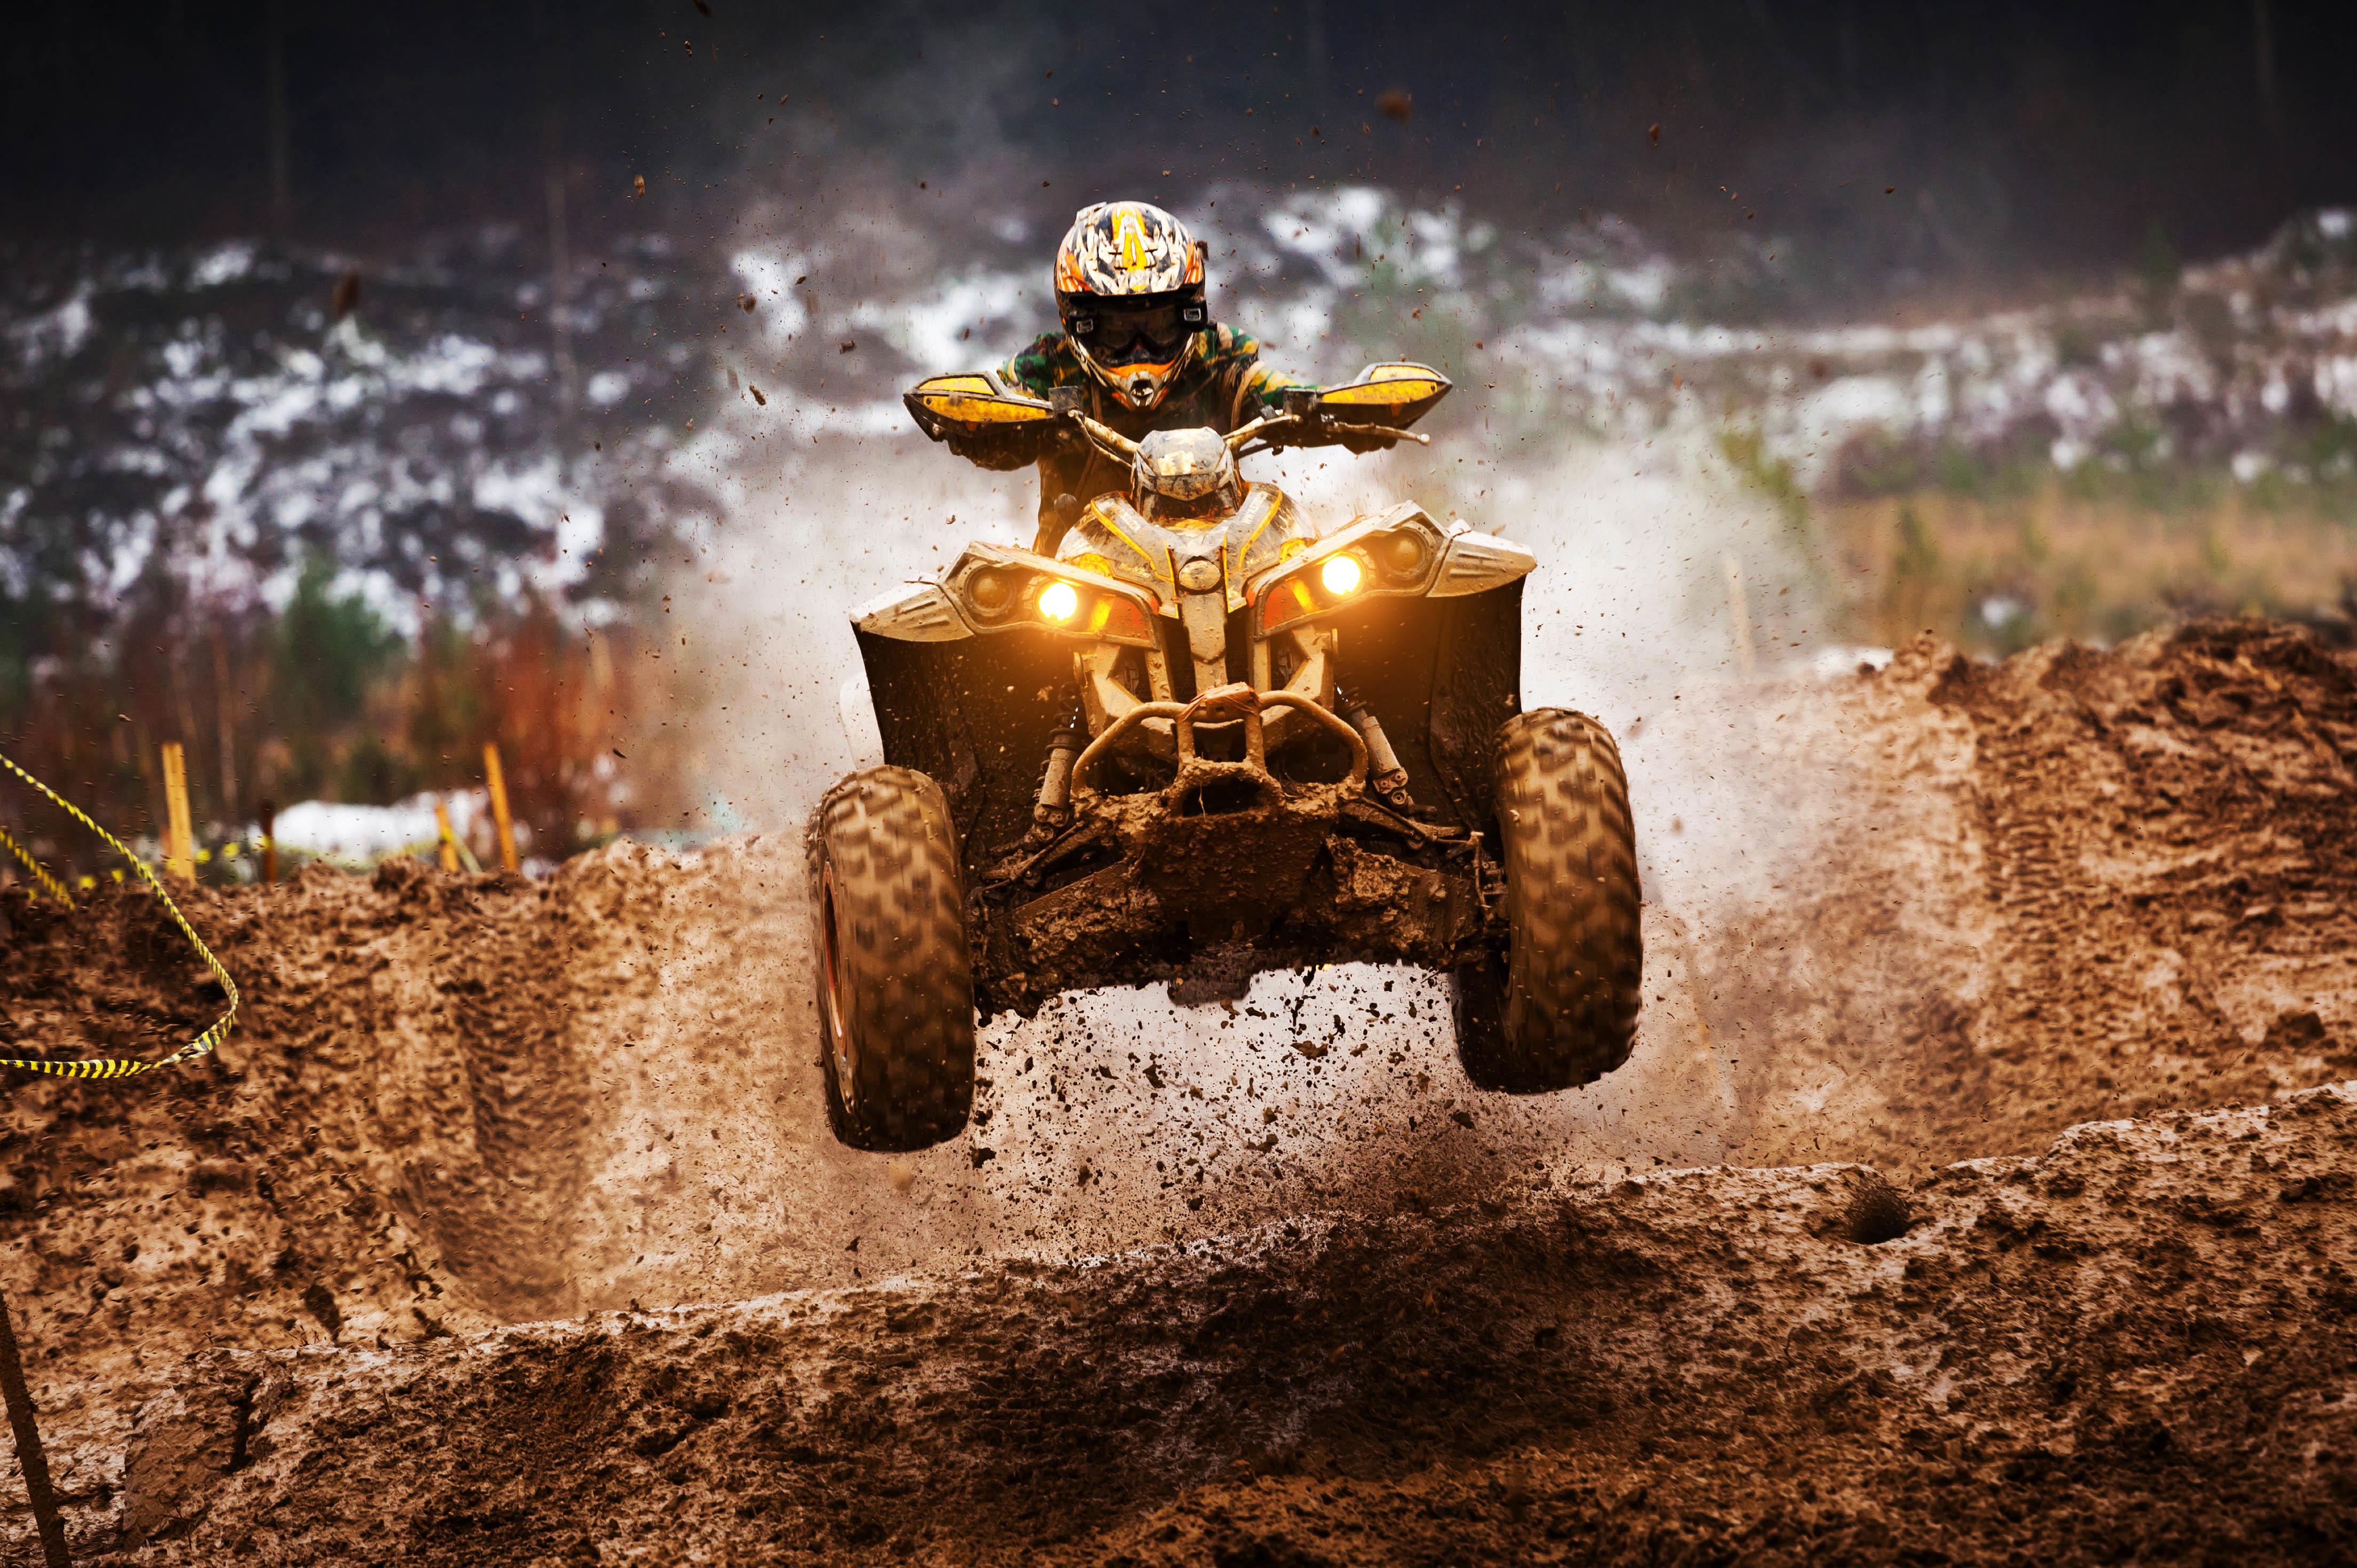 ATV Motocross, Quadricycle, 4K, Sports